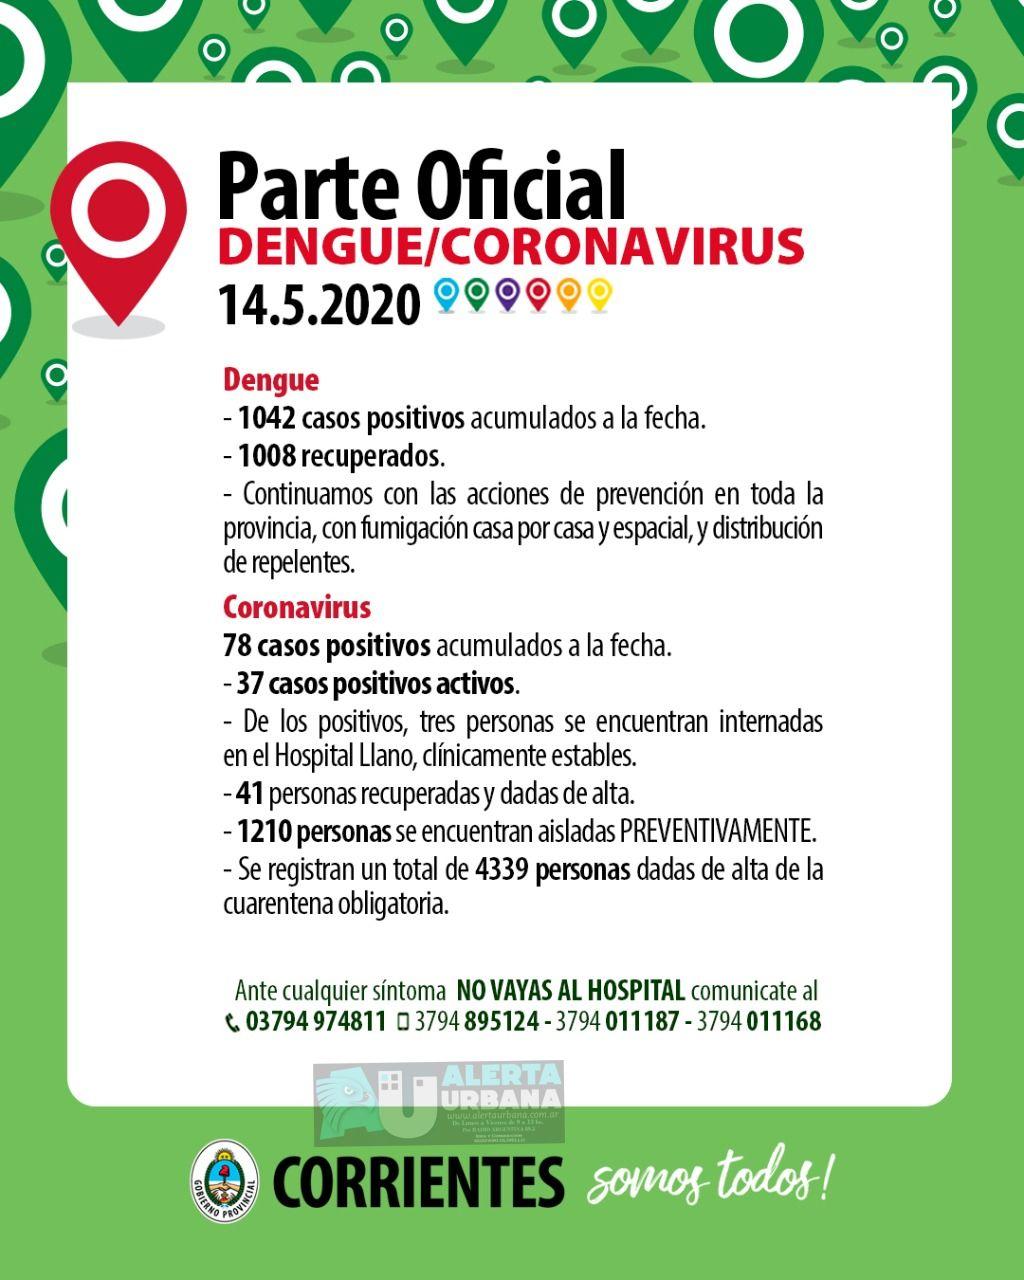 Parte Epidemiológico de la Provincia de Corrientes